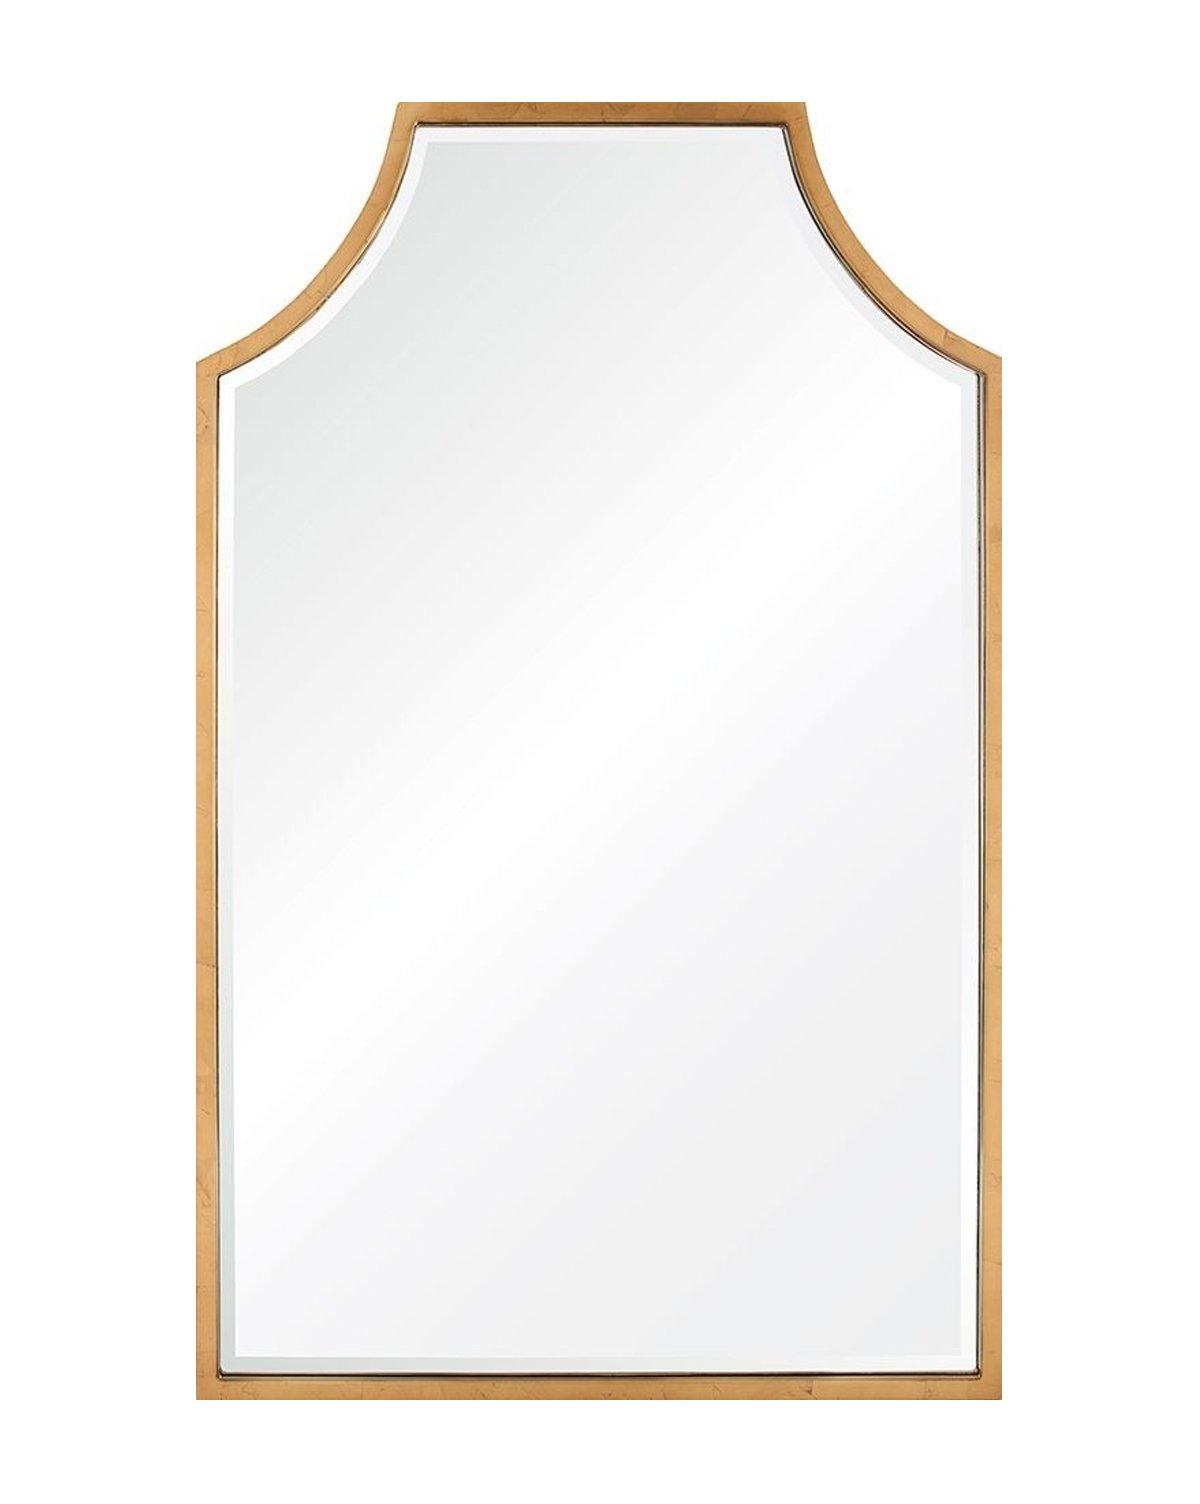 Hepburn_Mirror_1.jpg